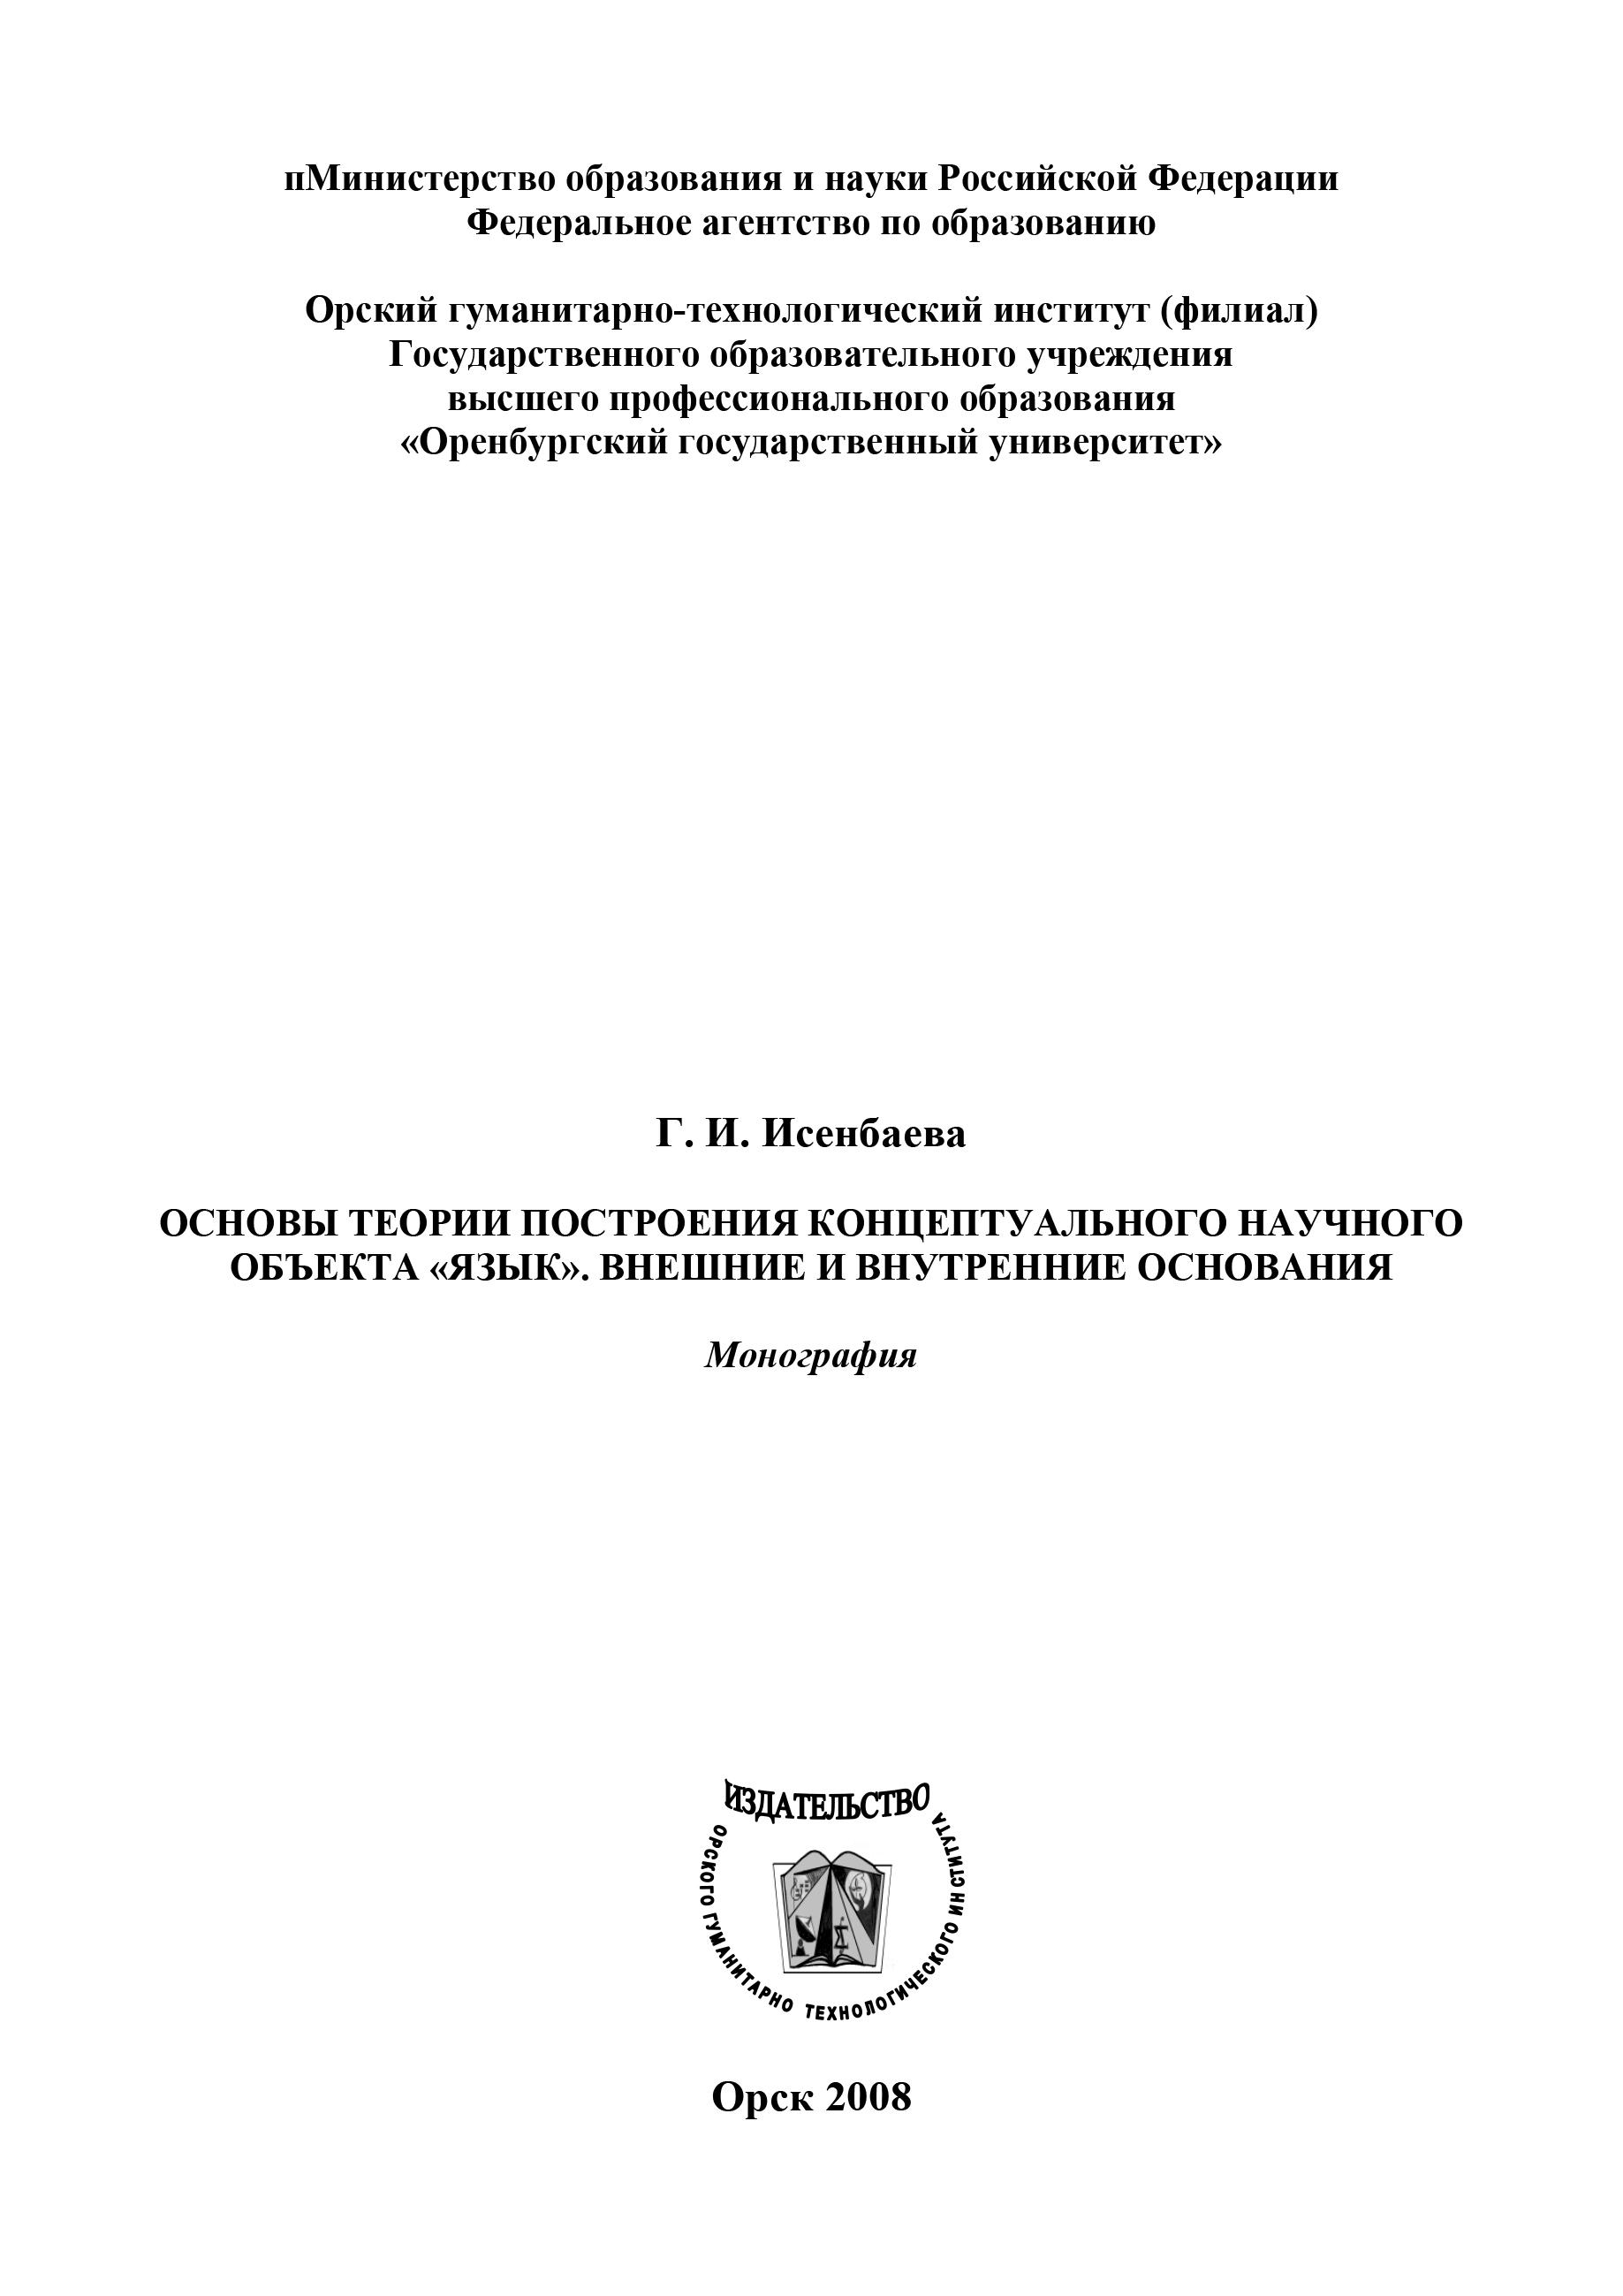 Г. И. Исенбаева Основы теории построения концептуального научного объекта «язык». Внешние и внутренние основания цена